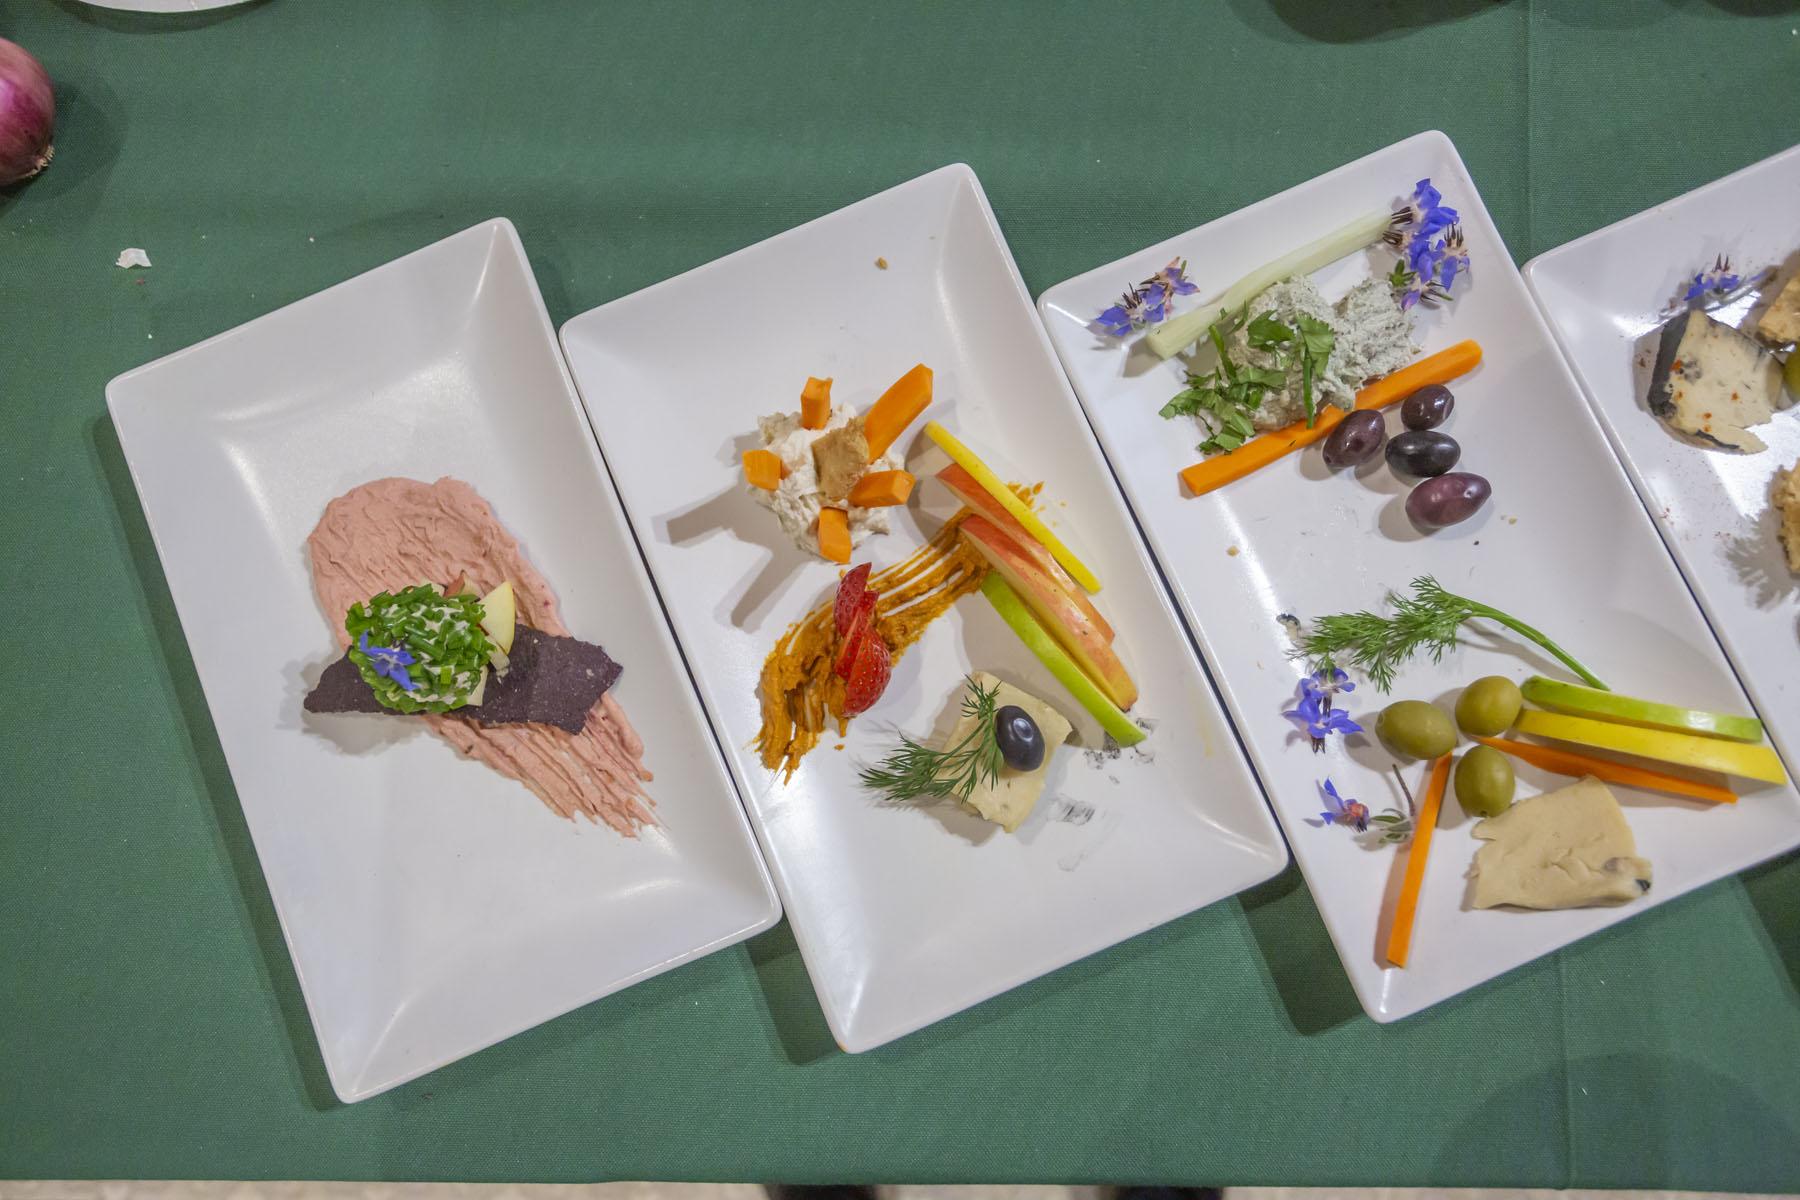 comida_vegana_menorca_quesos_vegetales205